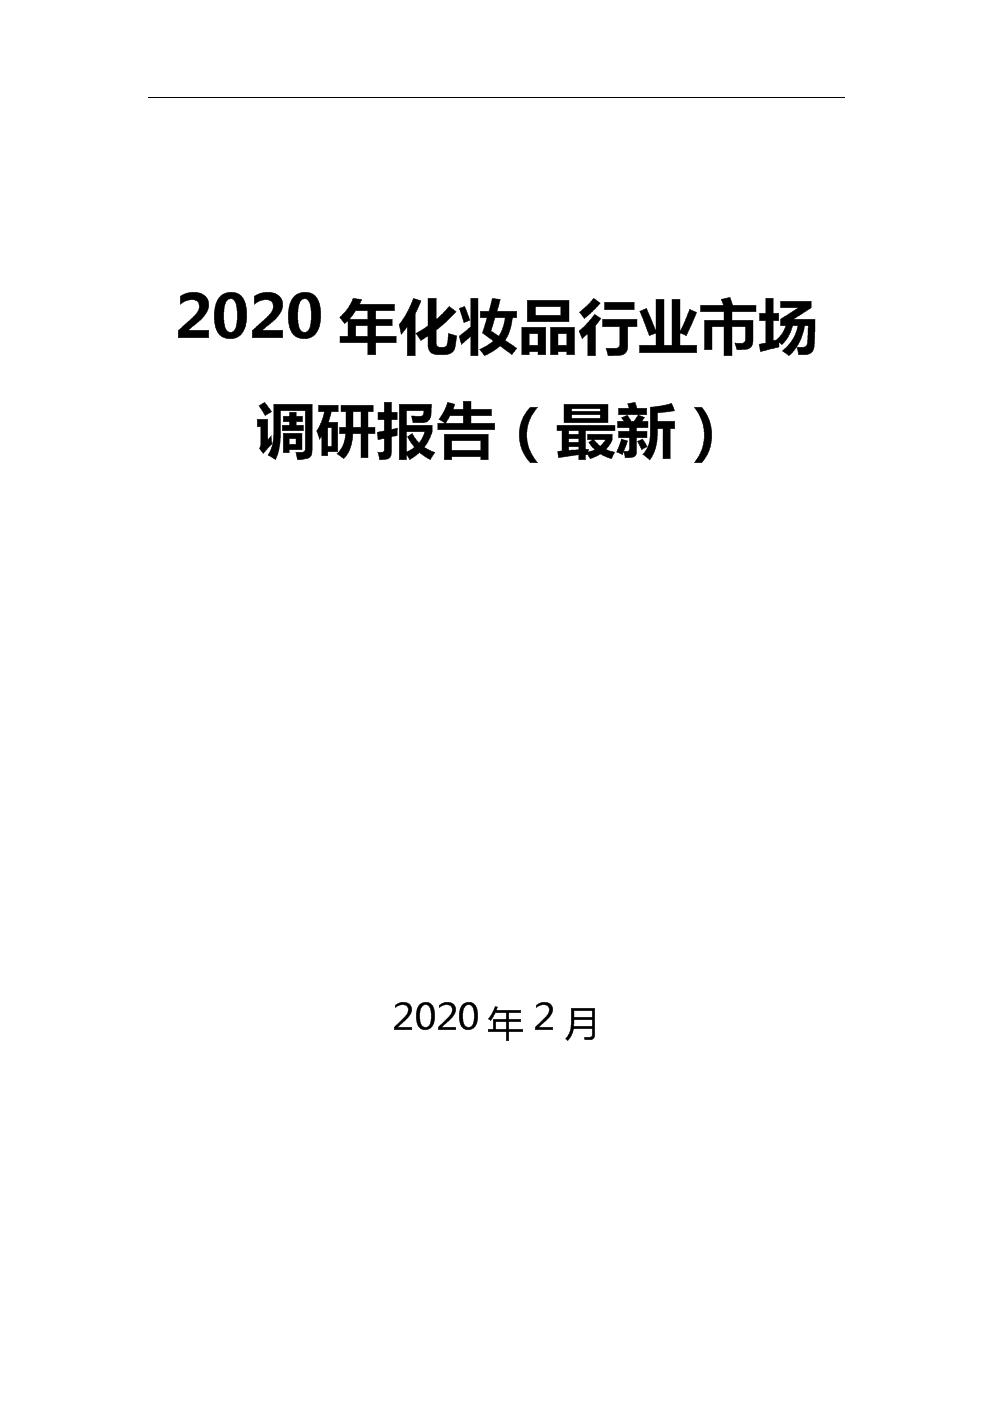 2020年化妆品行业市场调研报告(最新).docx